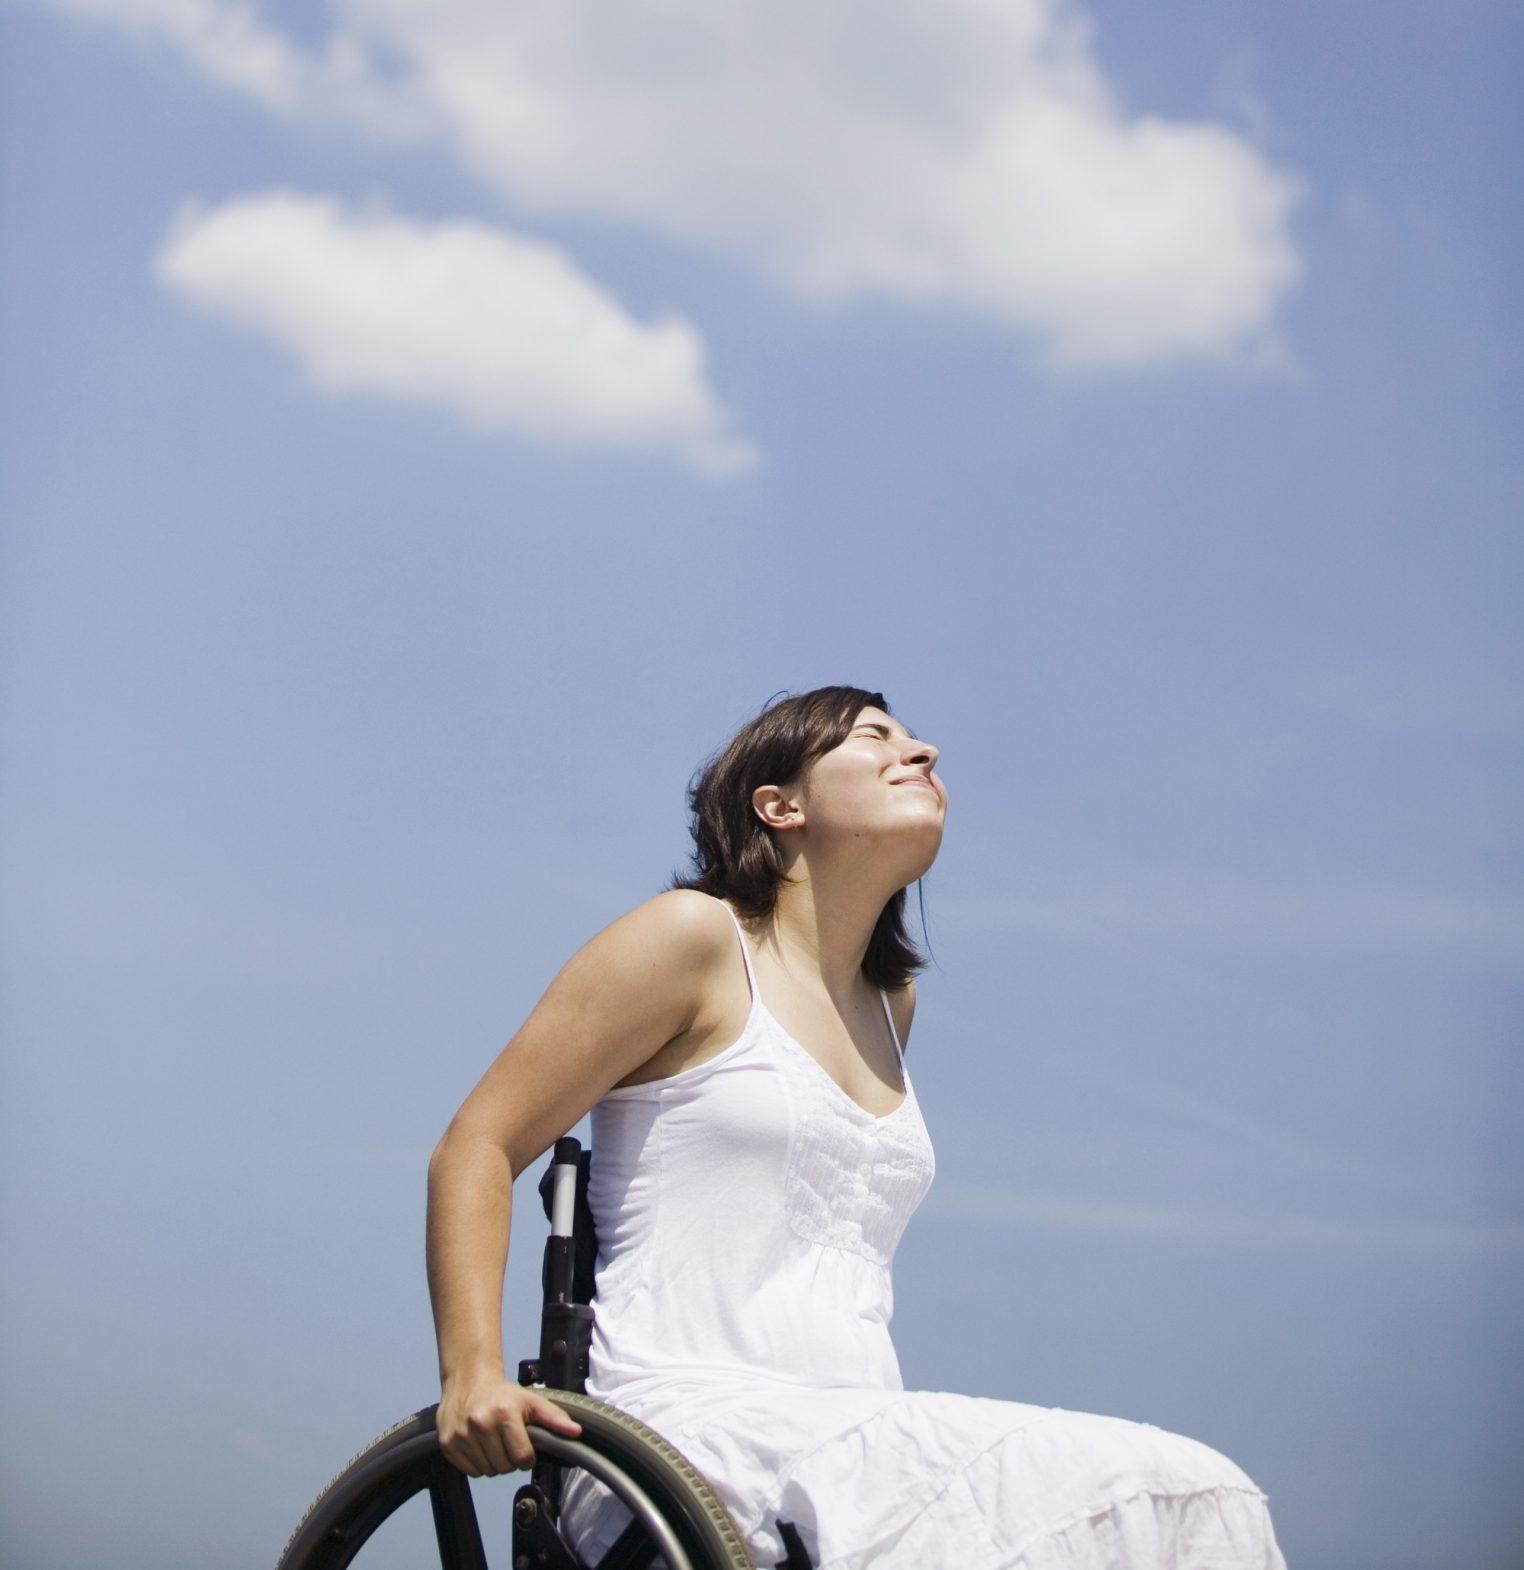 Kvinna i rullstol kisar upp mot solen på en blå himmel.